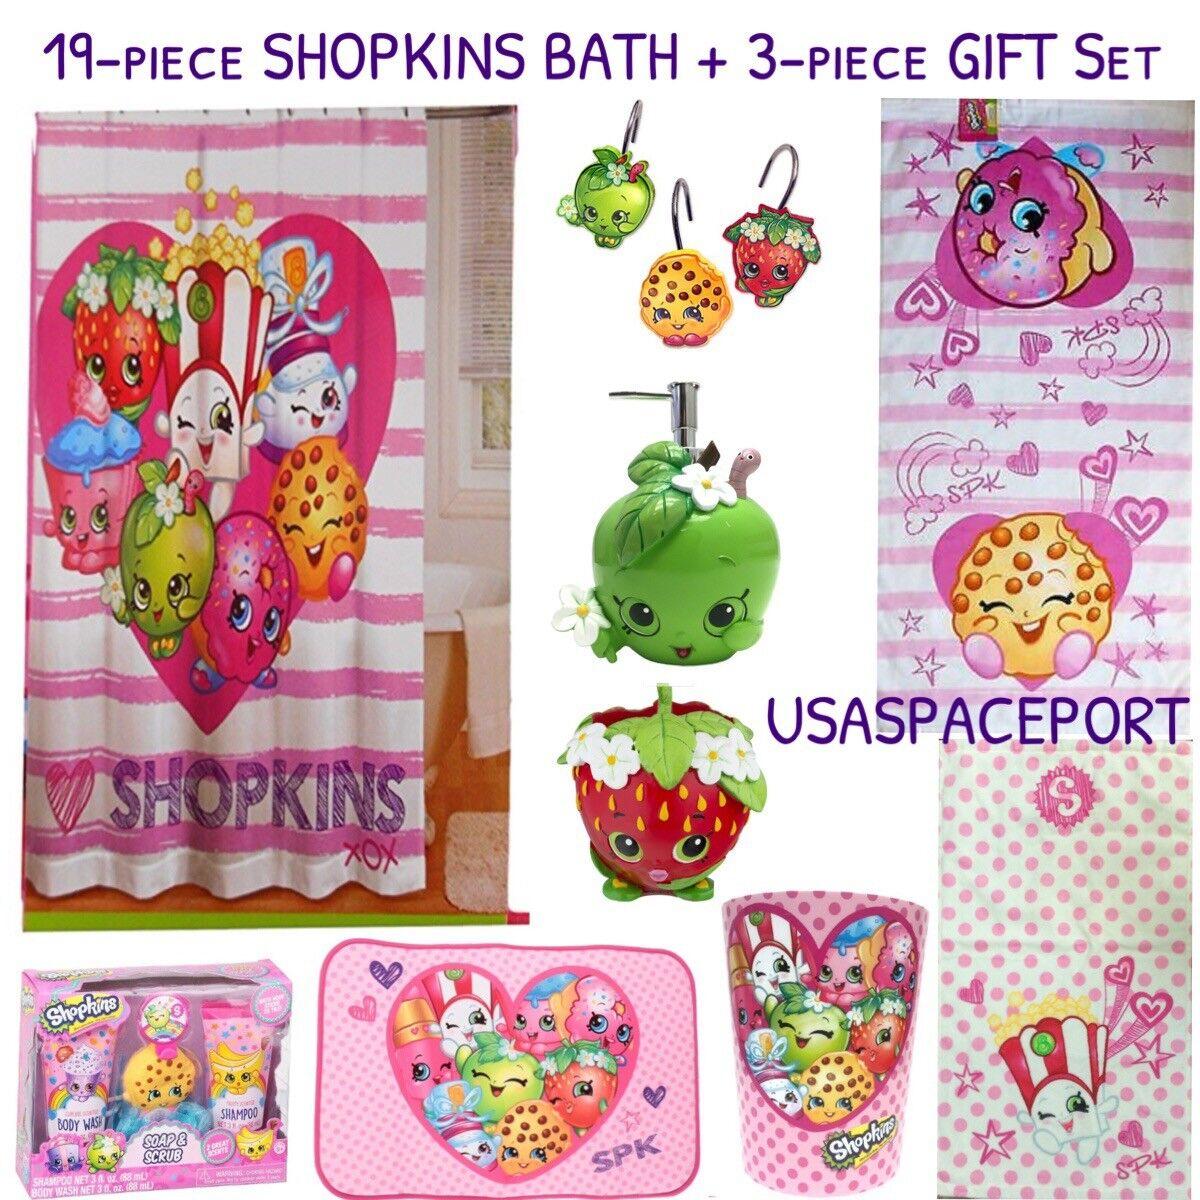 22 Pièces Shopkins complet Bain Set Rideau de douche + Crochets + Tapis + serviettes LOT + Cadeau Lot